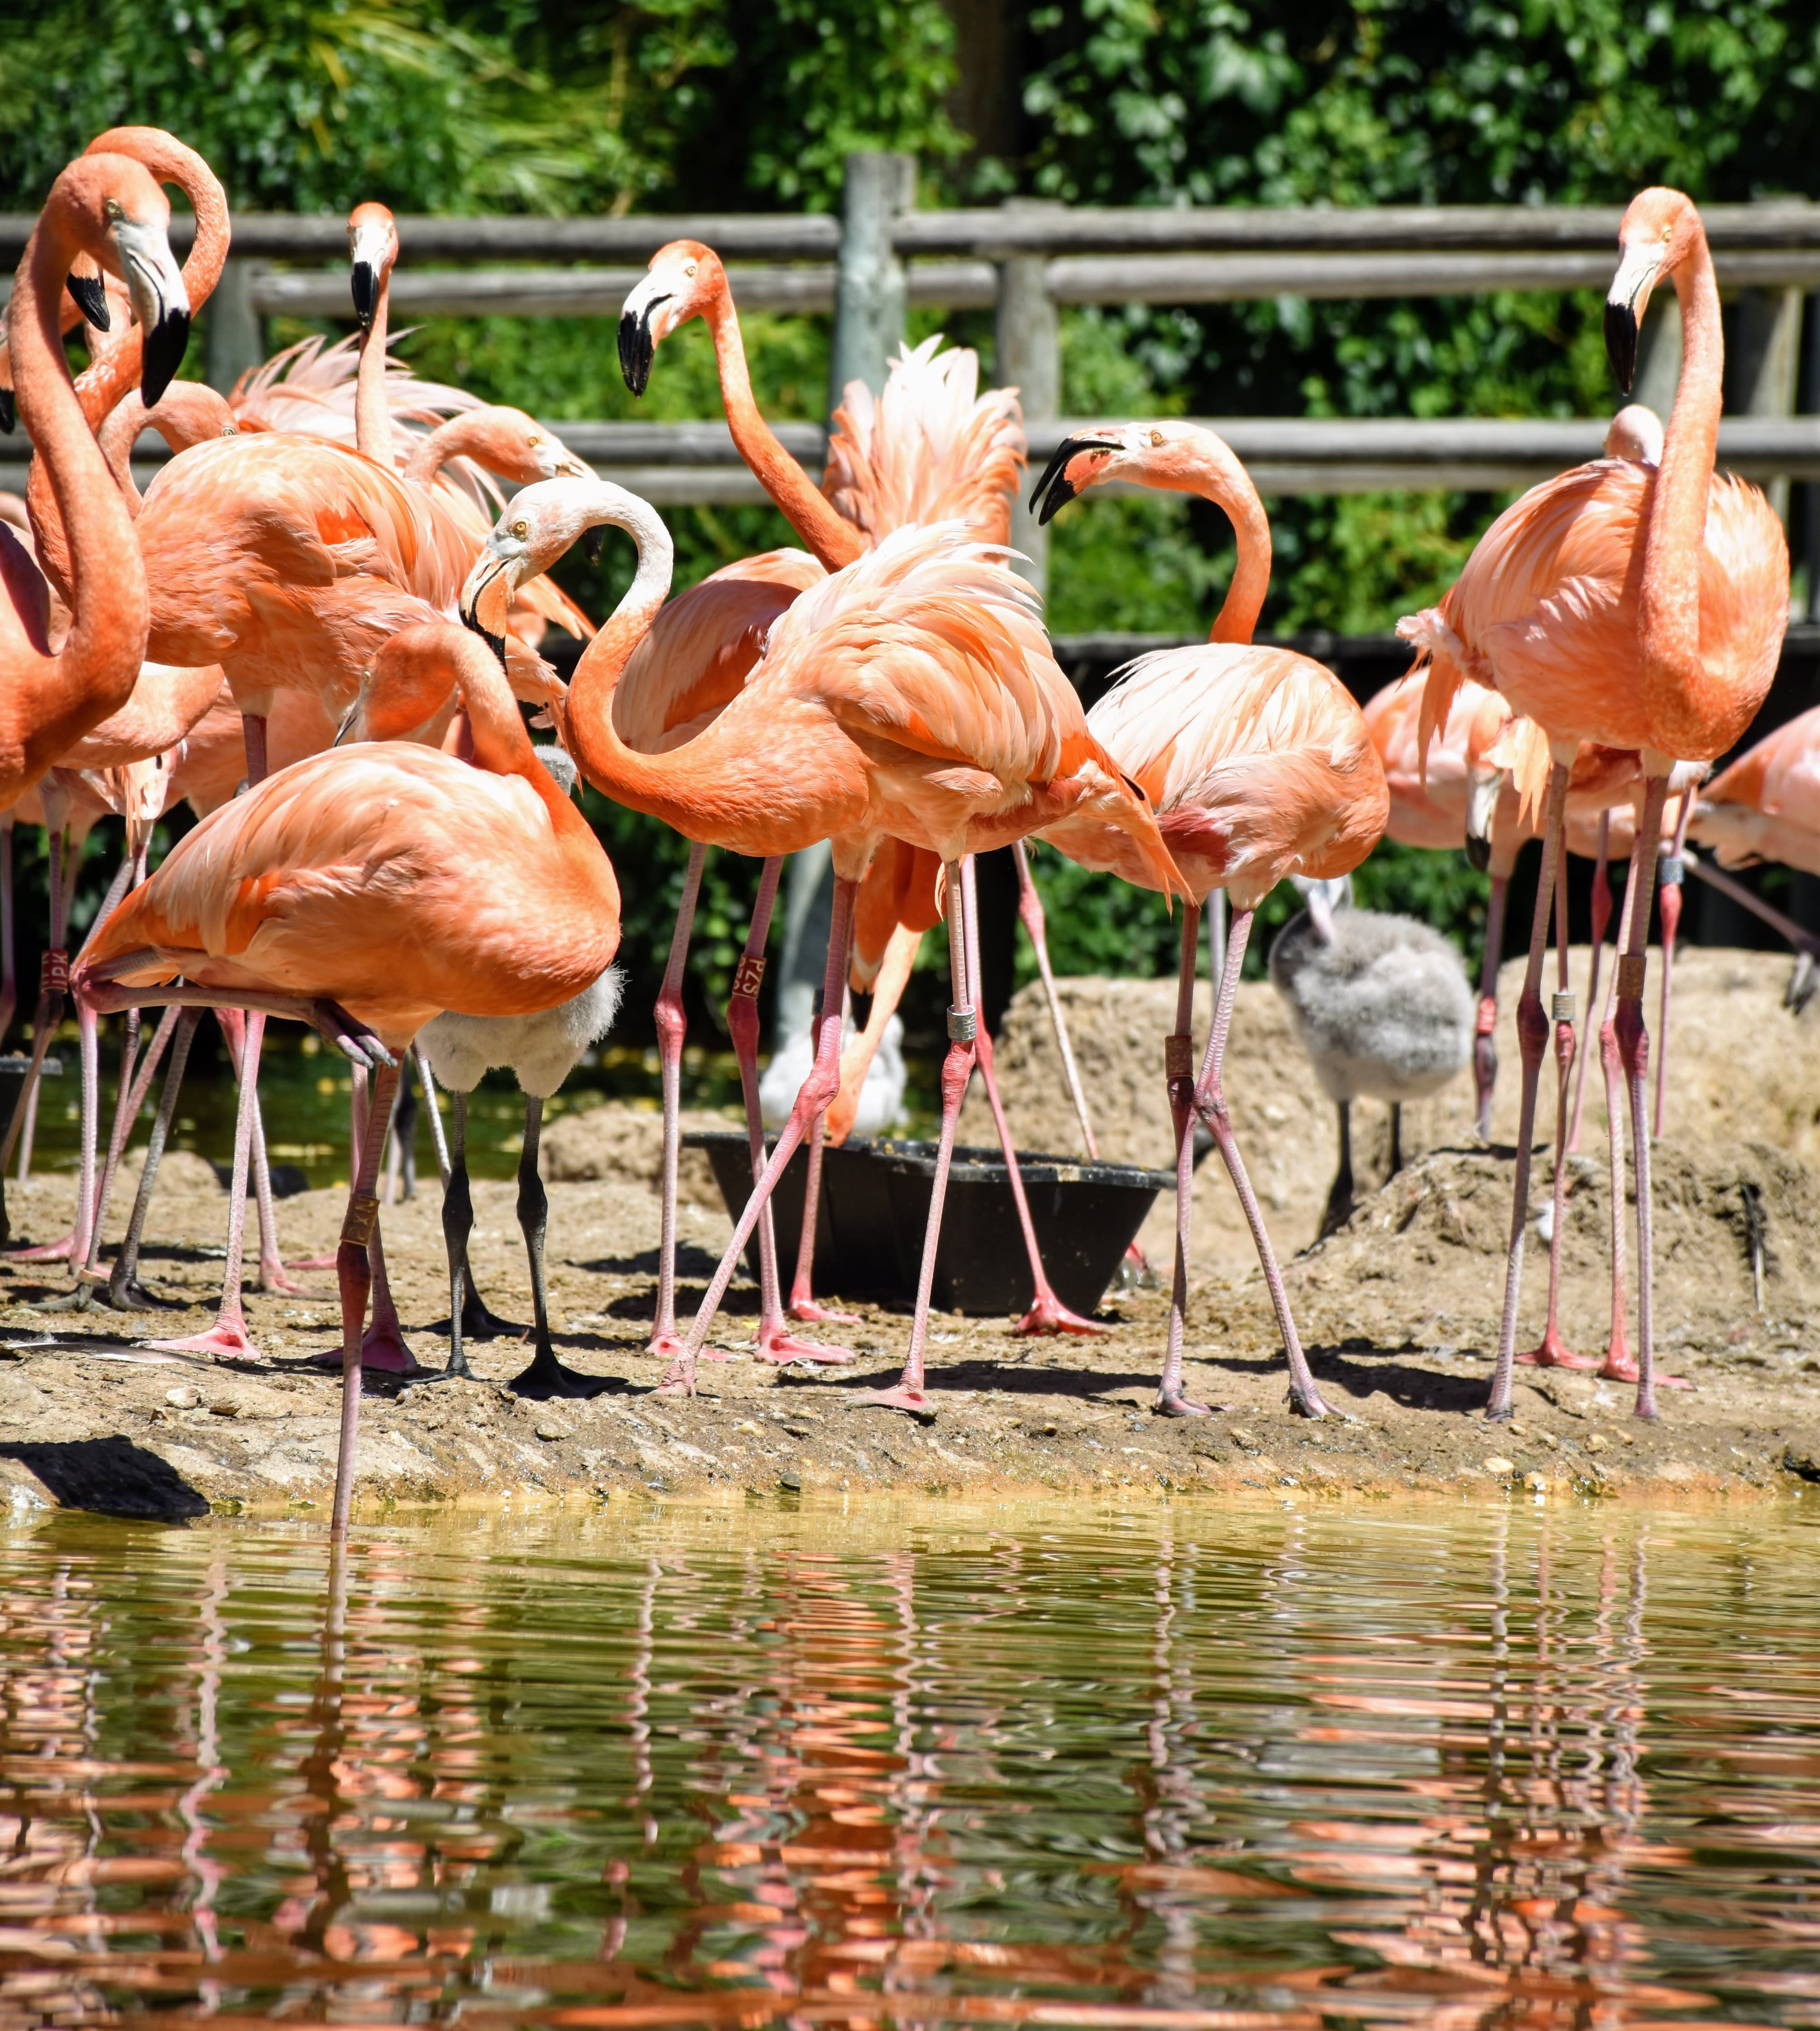 פלמינגו בגן החיות של לה רושל